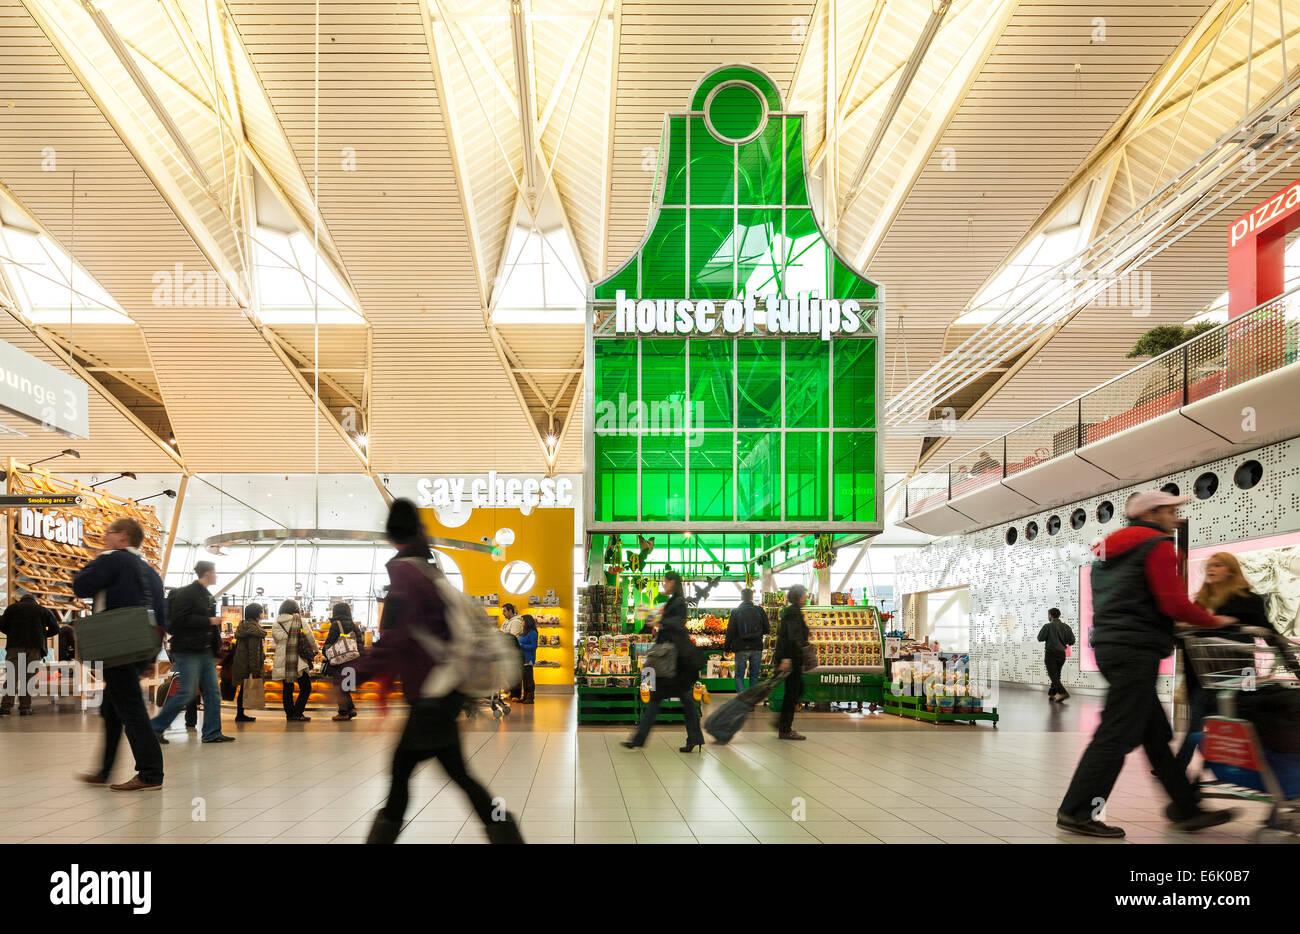 L'aéroport de Schiphol Amsterdam departure lounge 3 Tulipes avec souvenirs Souvenirs Fromage shop boutiques Photo Stock